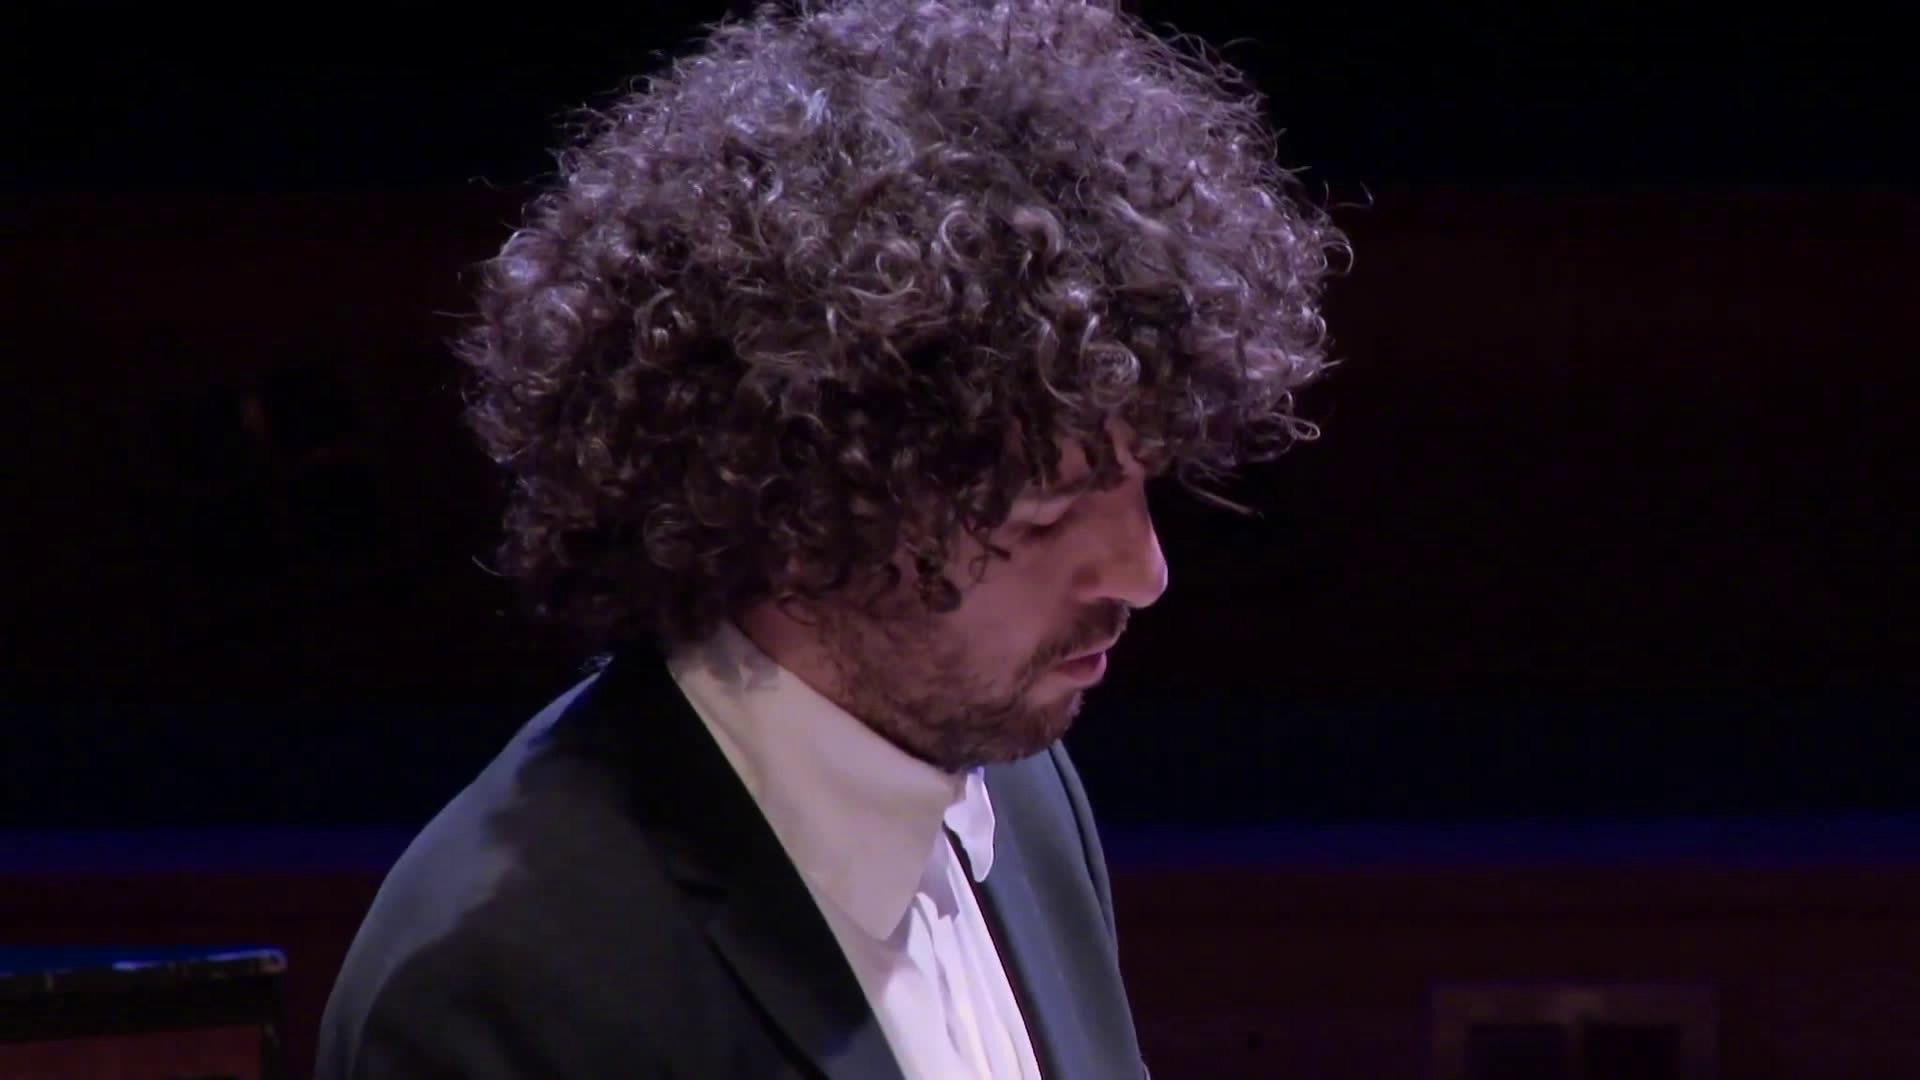 钢琴演奏泰雷加古典吉他曲 《阿尔罕布拉宫的回忆》